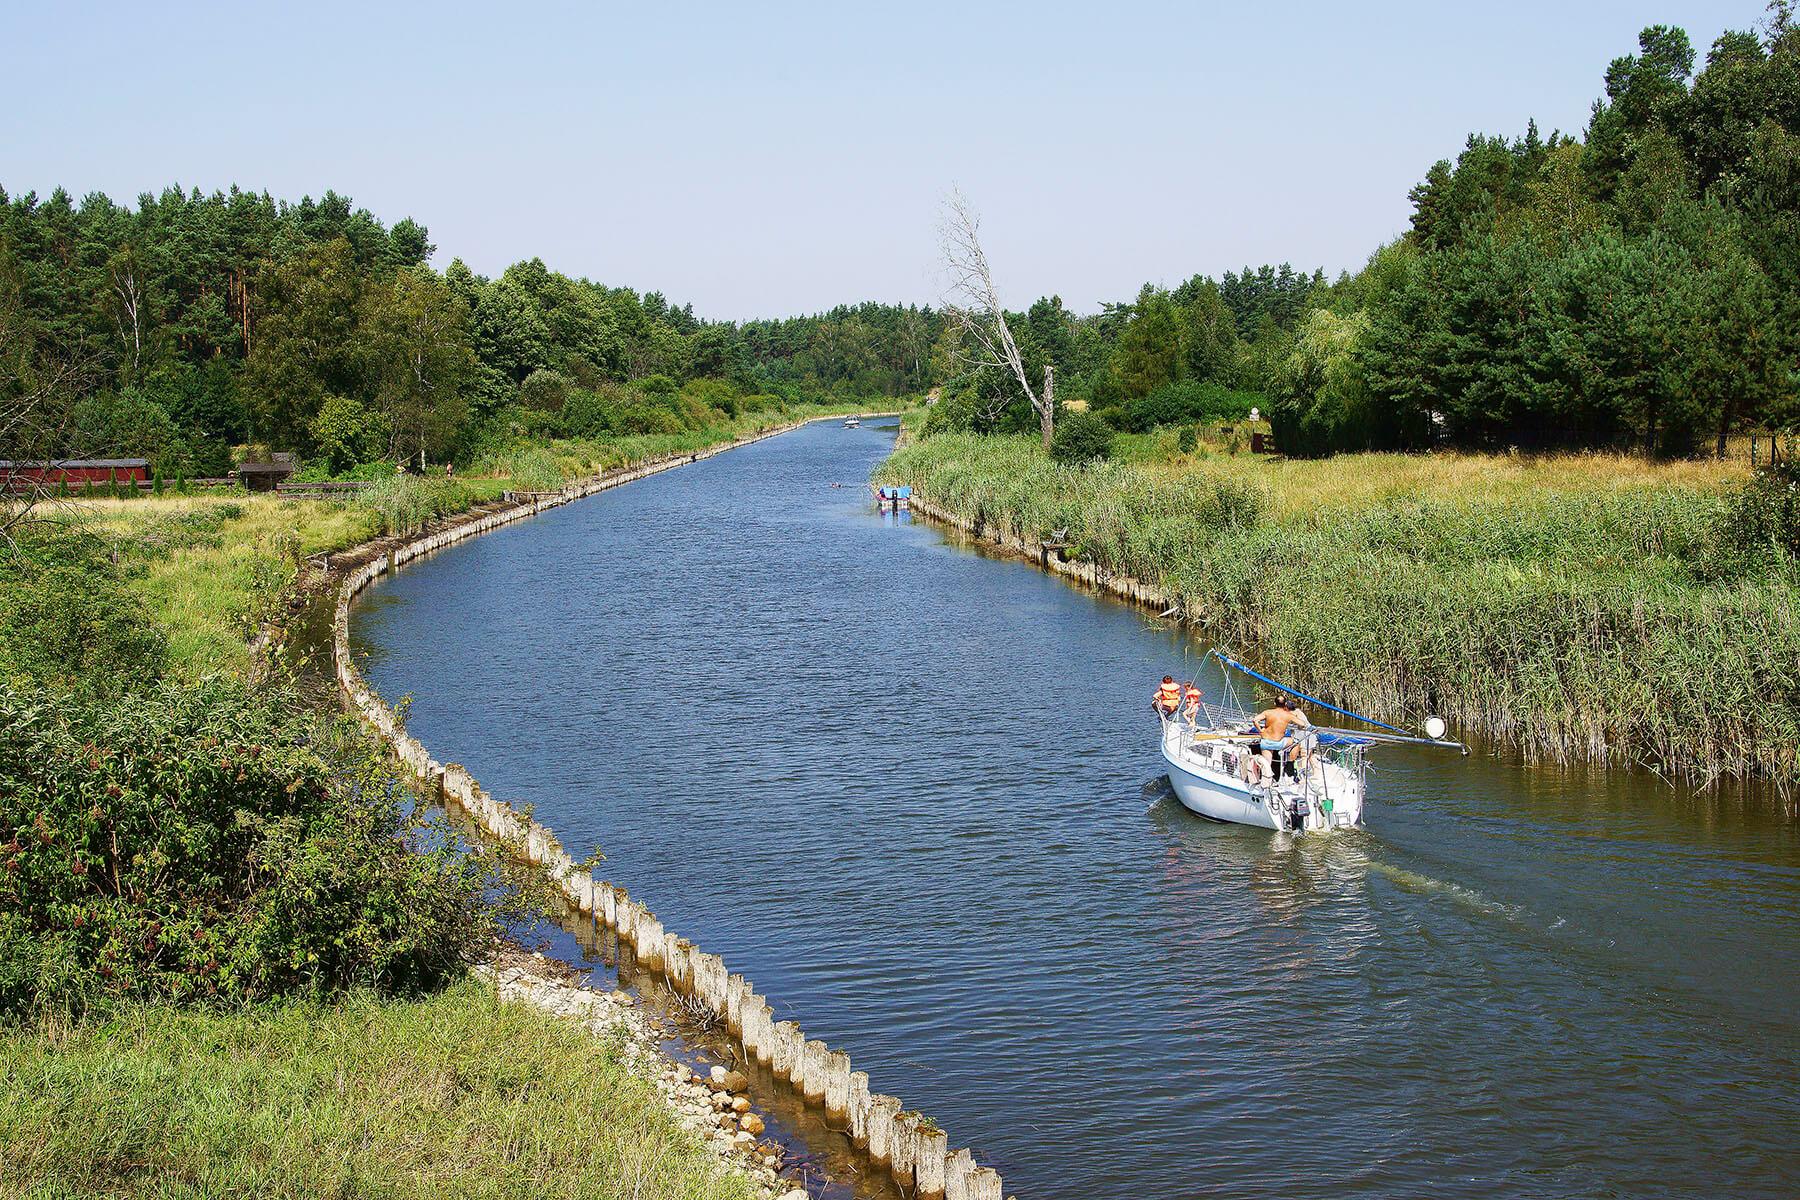 Kanał łączący jeziora